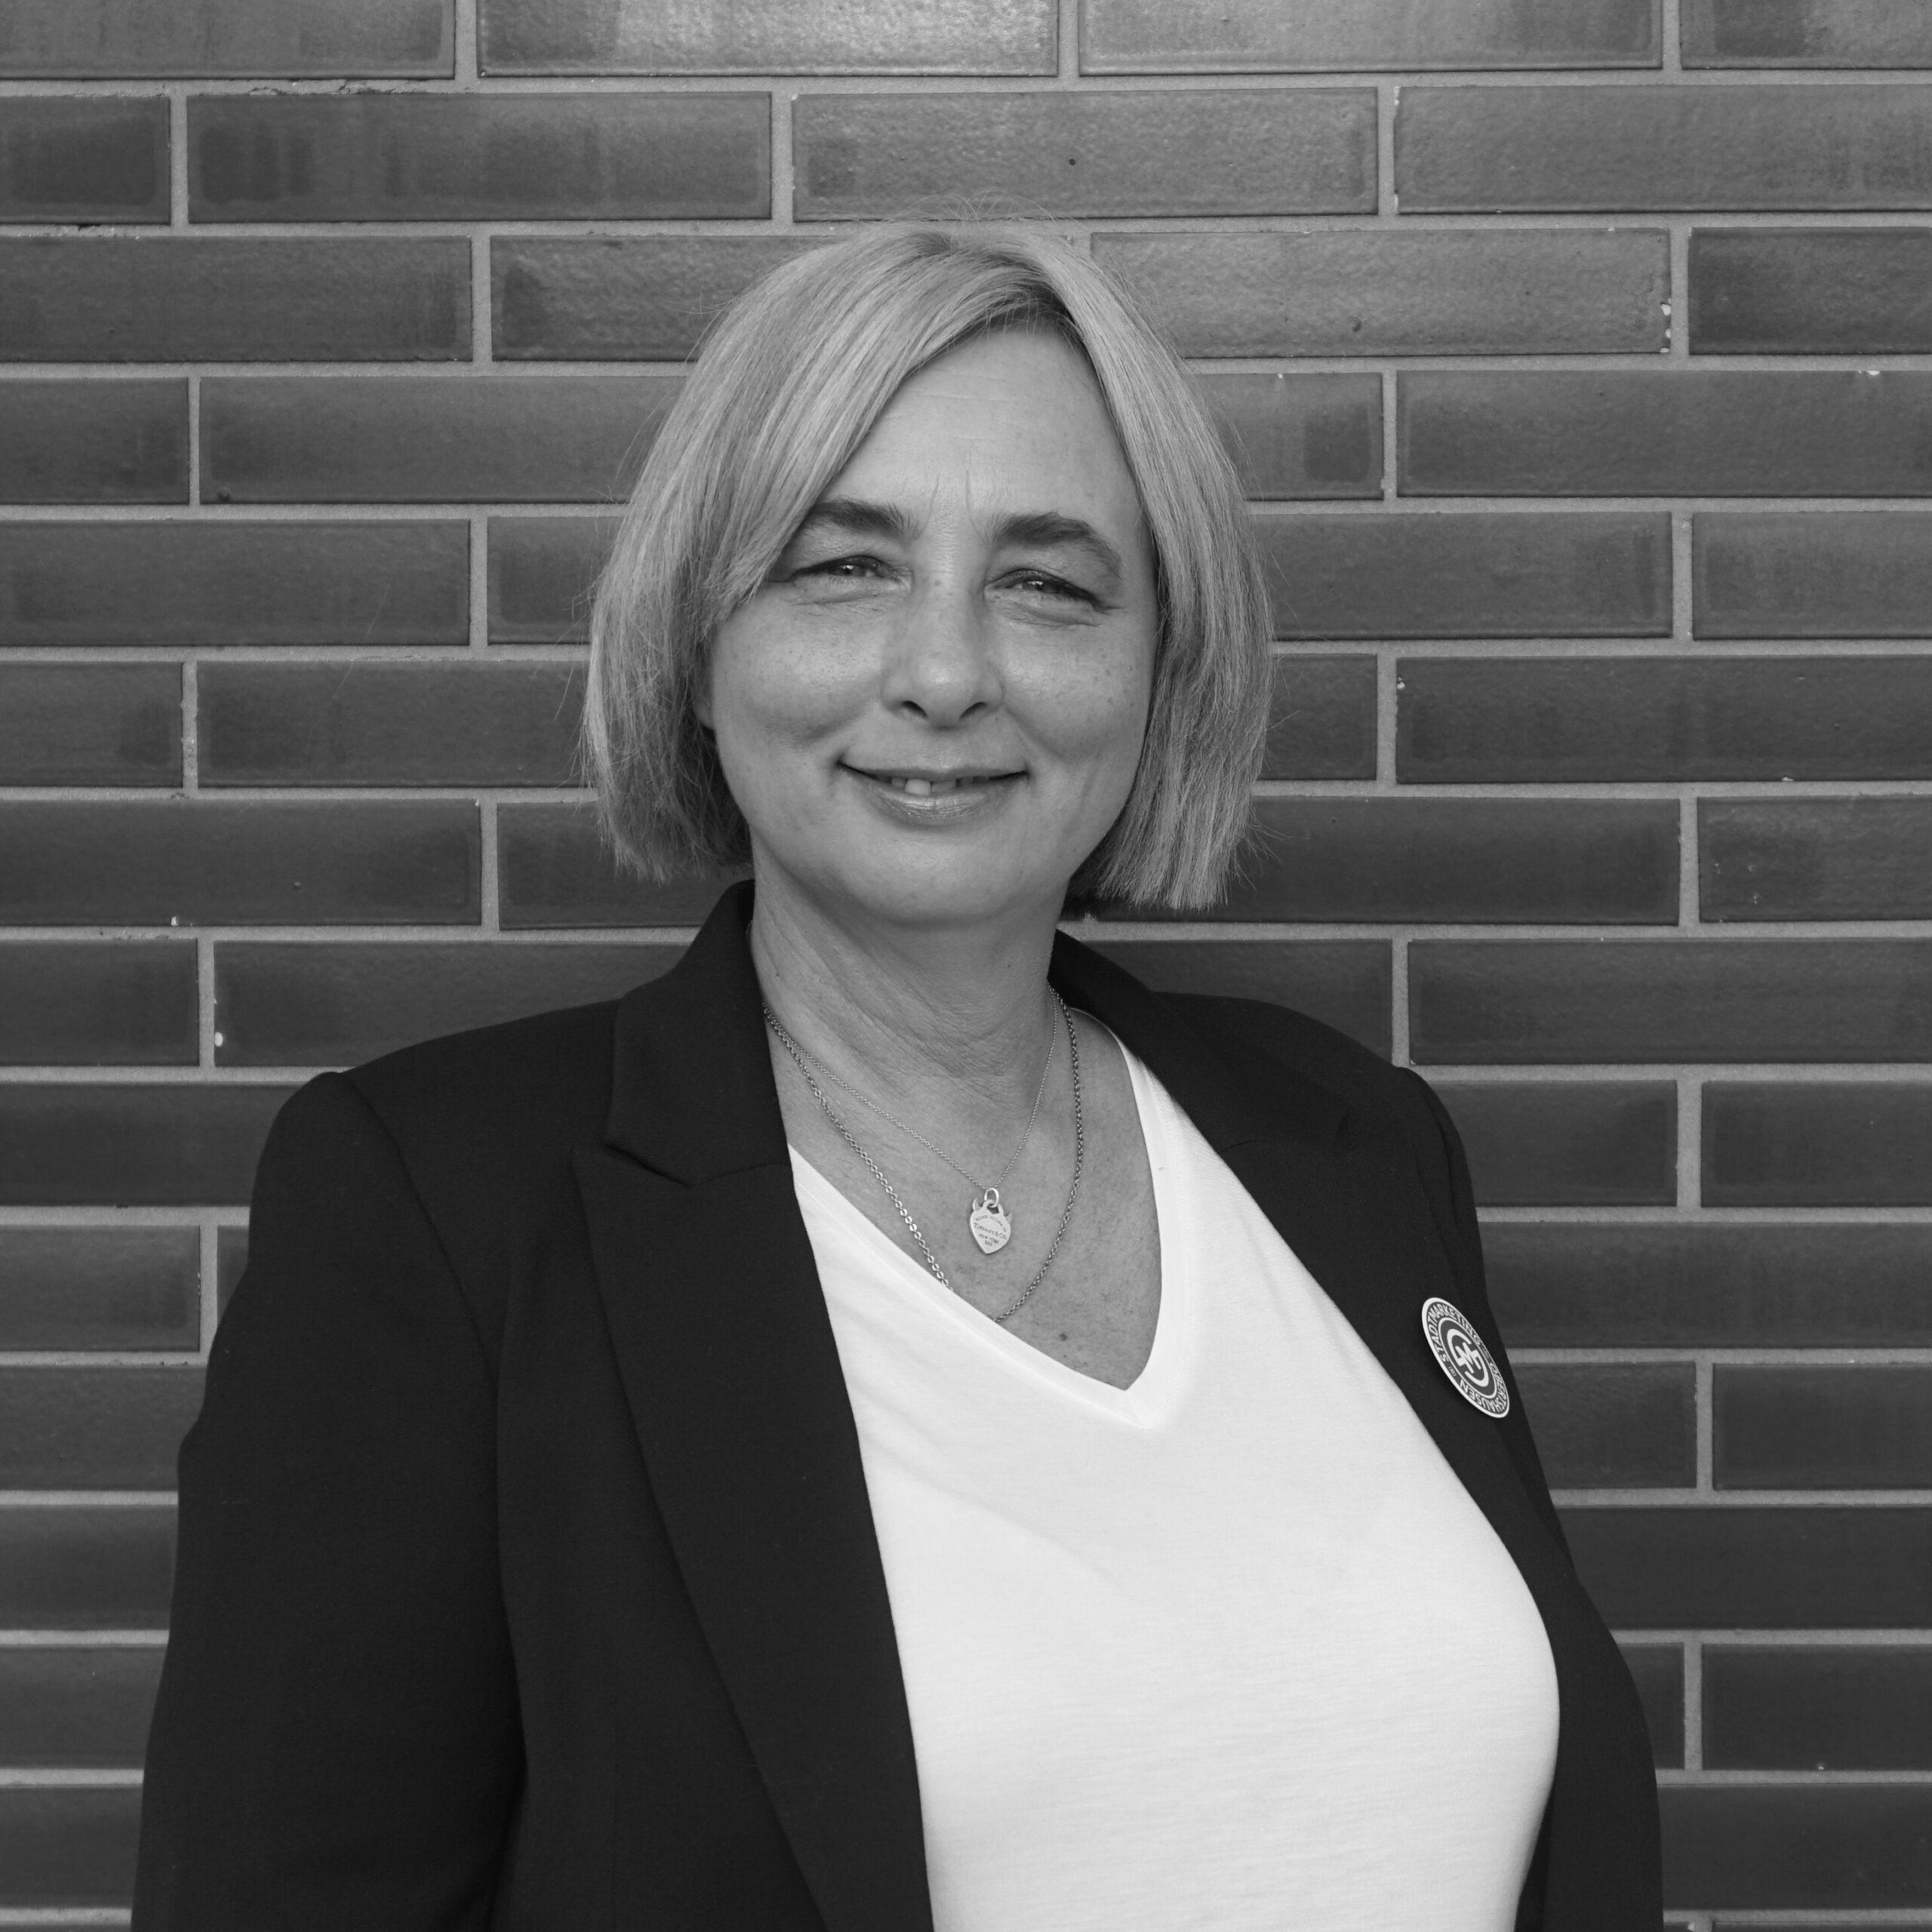 Sabine Hisgen